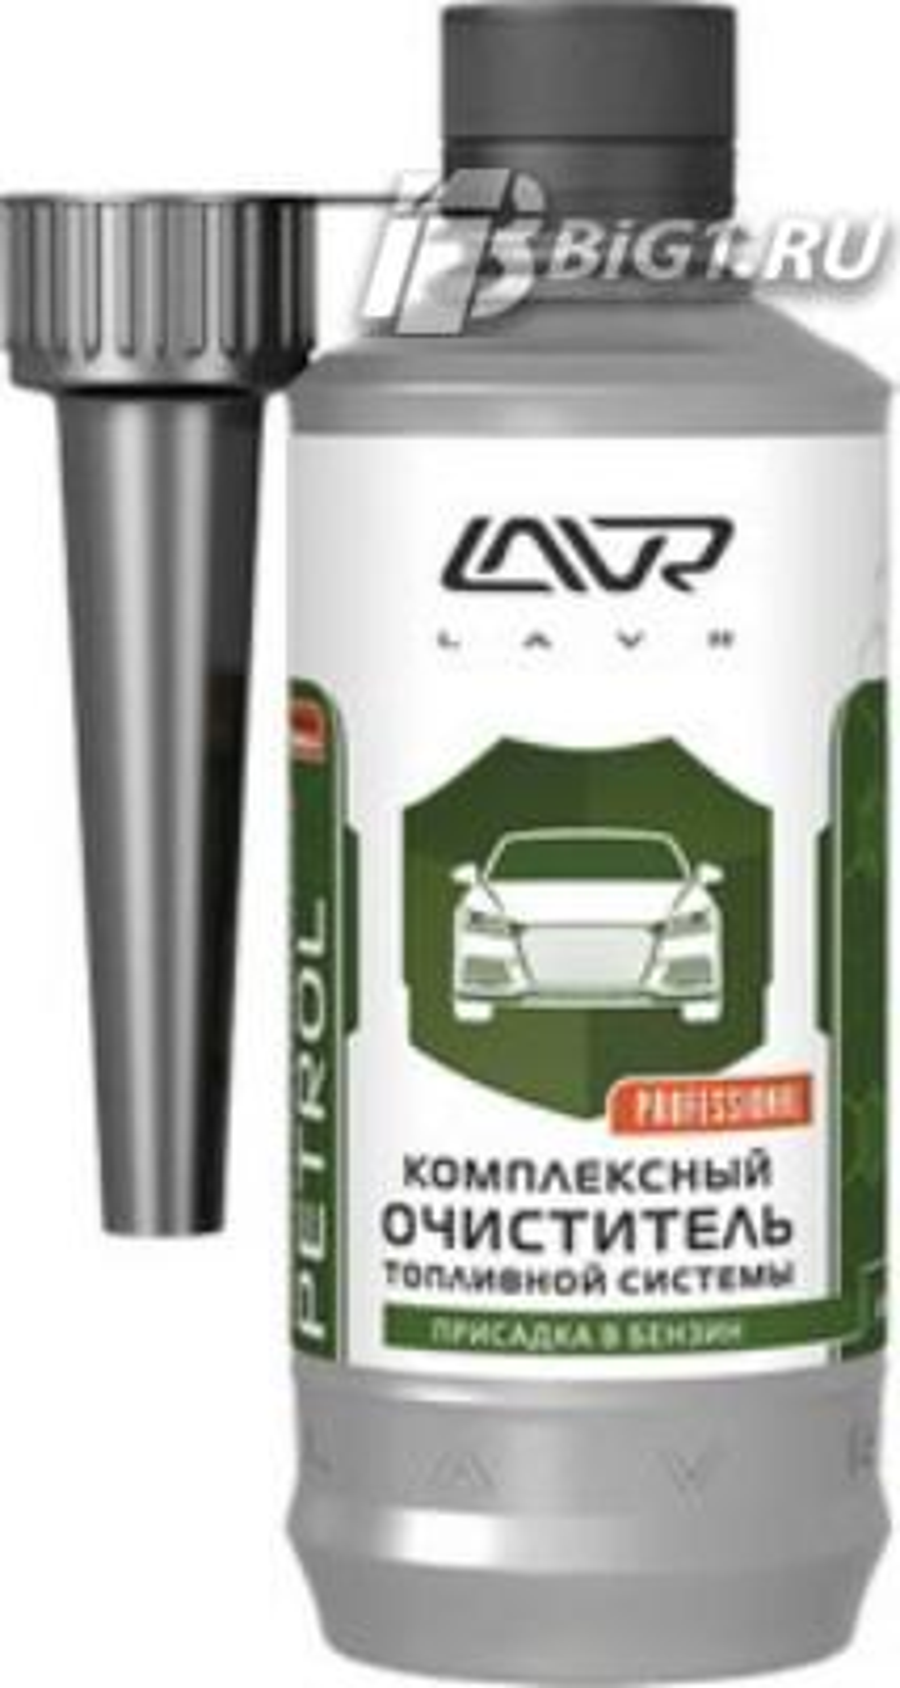 Очиститель топлива присадка в бензин (на 40-60л) LAVR Complete Fuel System Cleaner Petrol